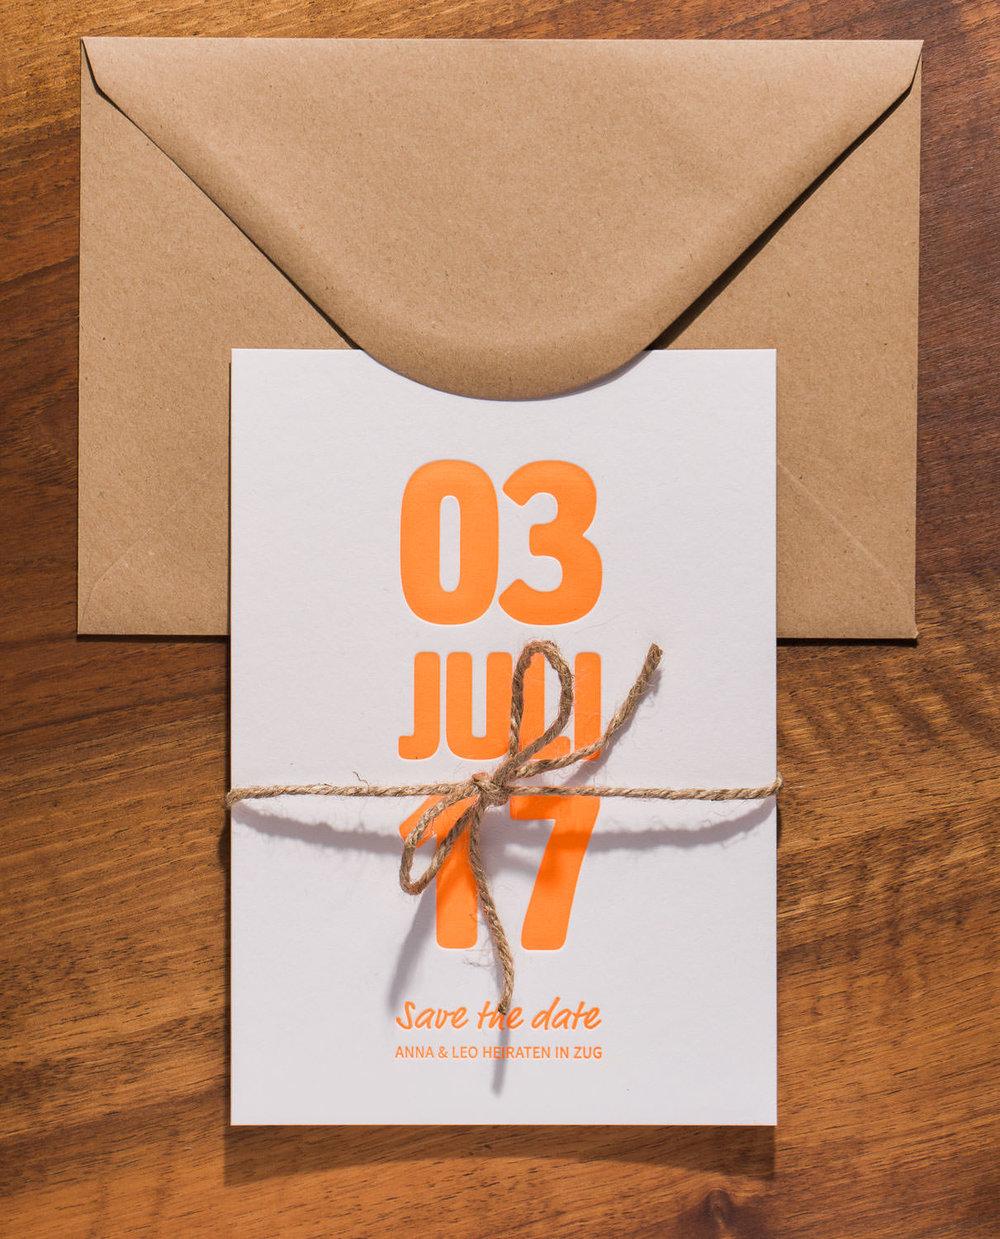 maleana-hochzeitskarten-mit-letterpress-neon-orange-006.jpg